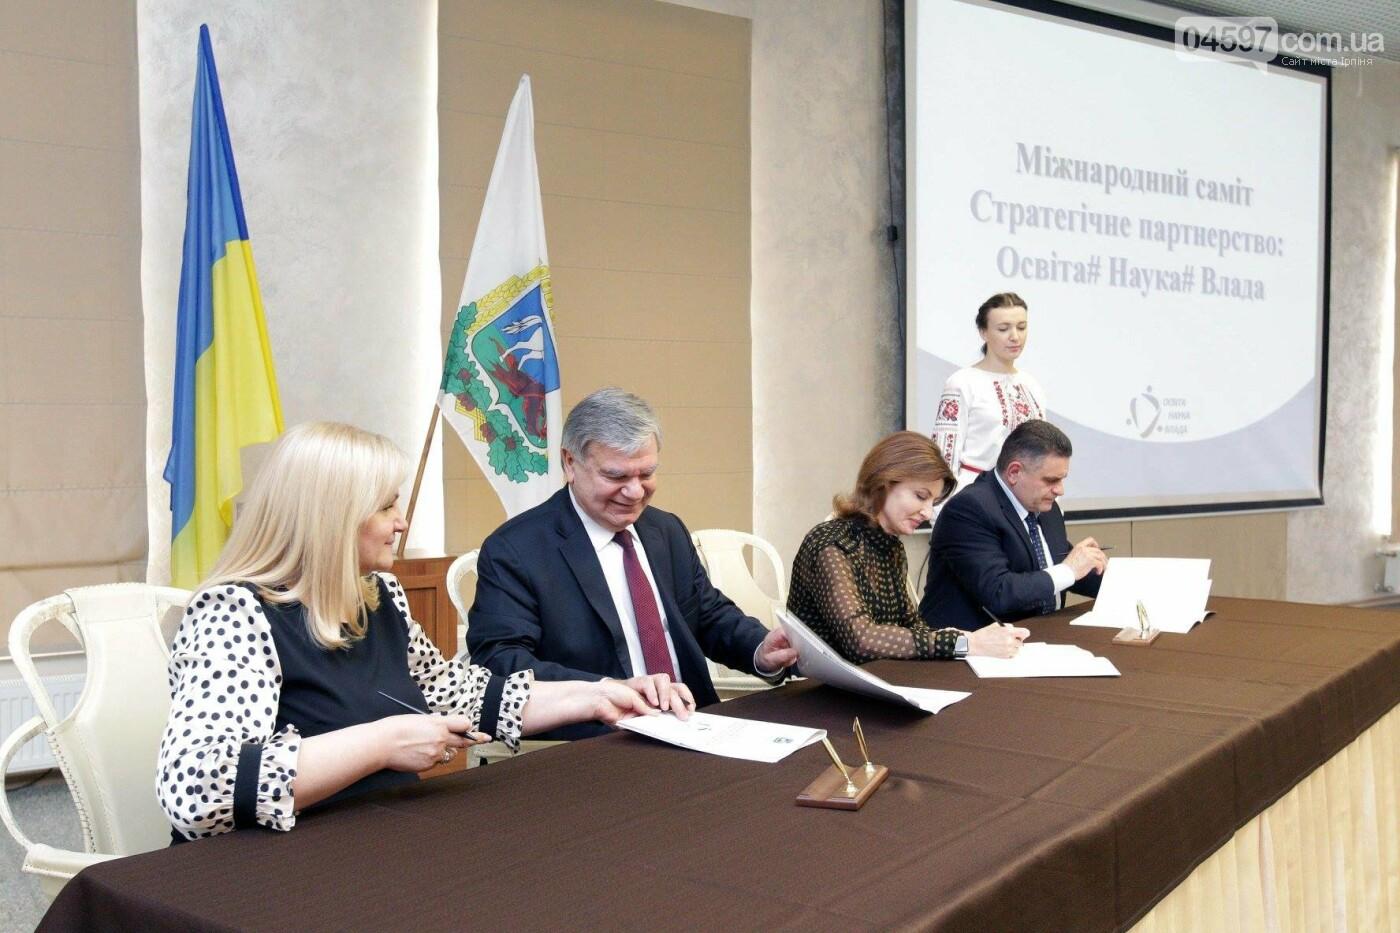 Марина Порошенко в Ірпені підписала Хартію у сфері освіти, фото-4